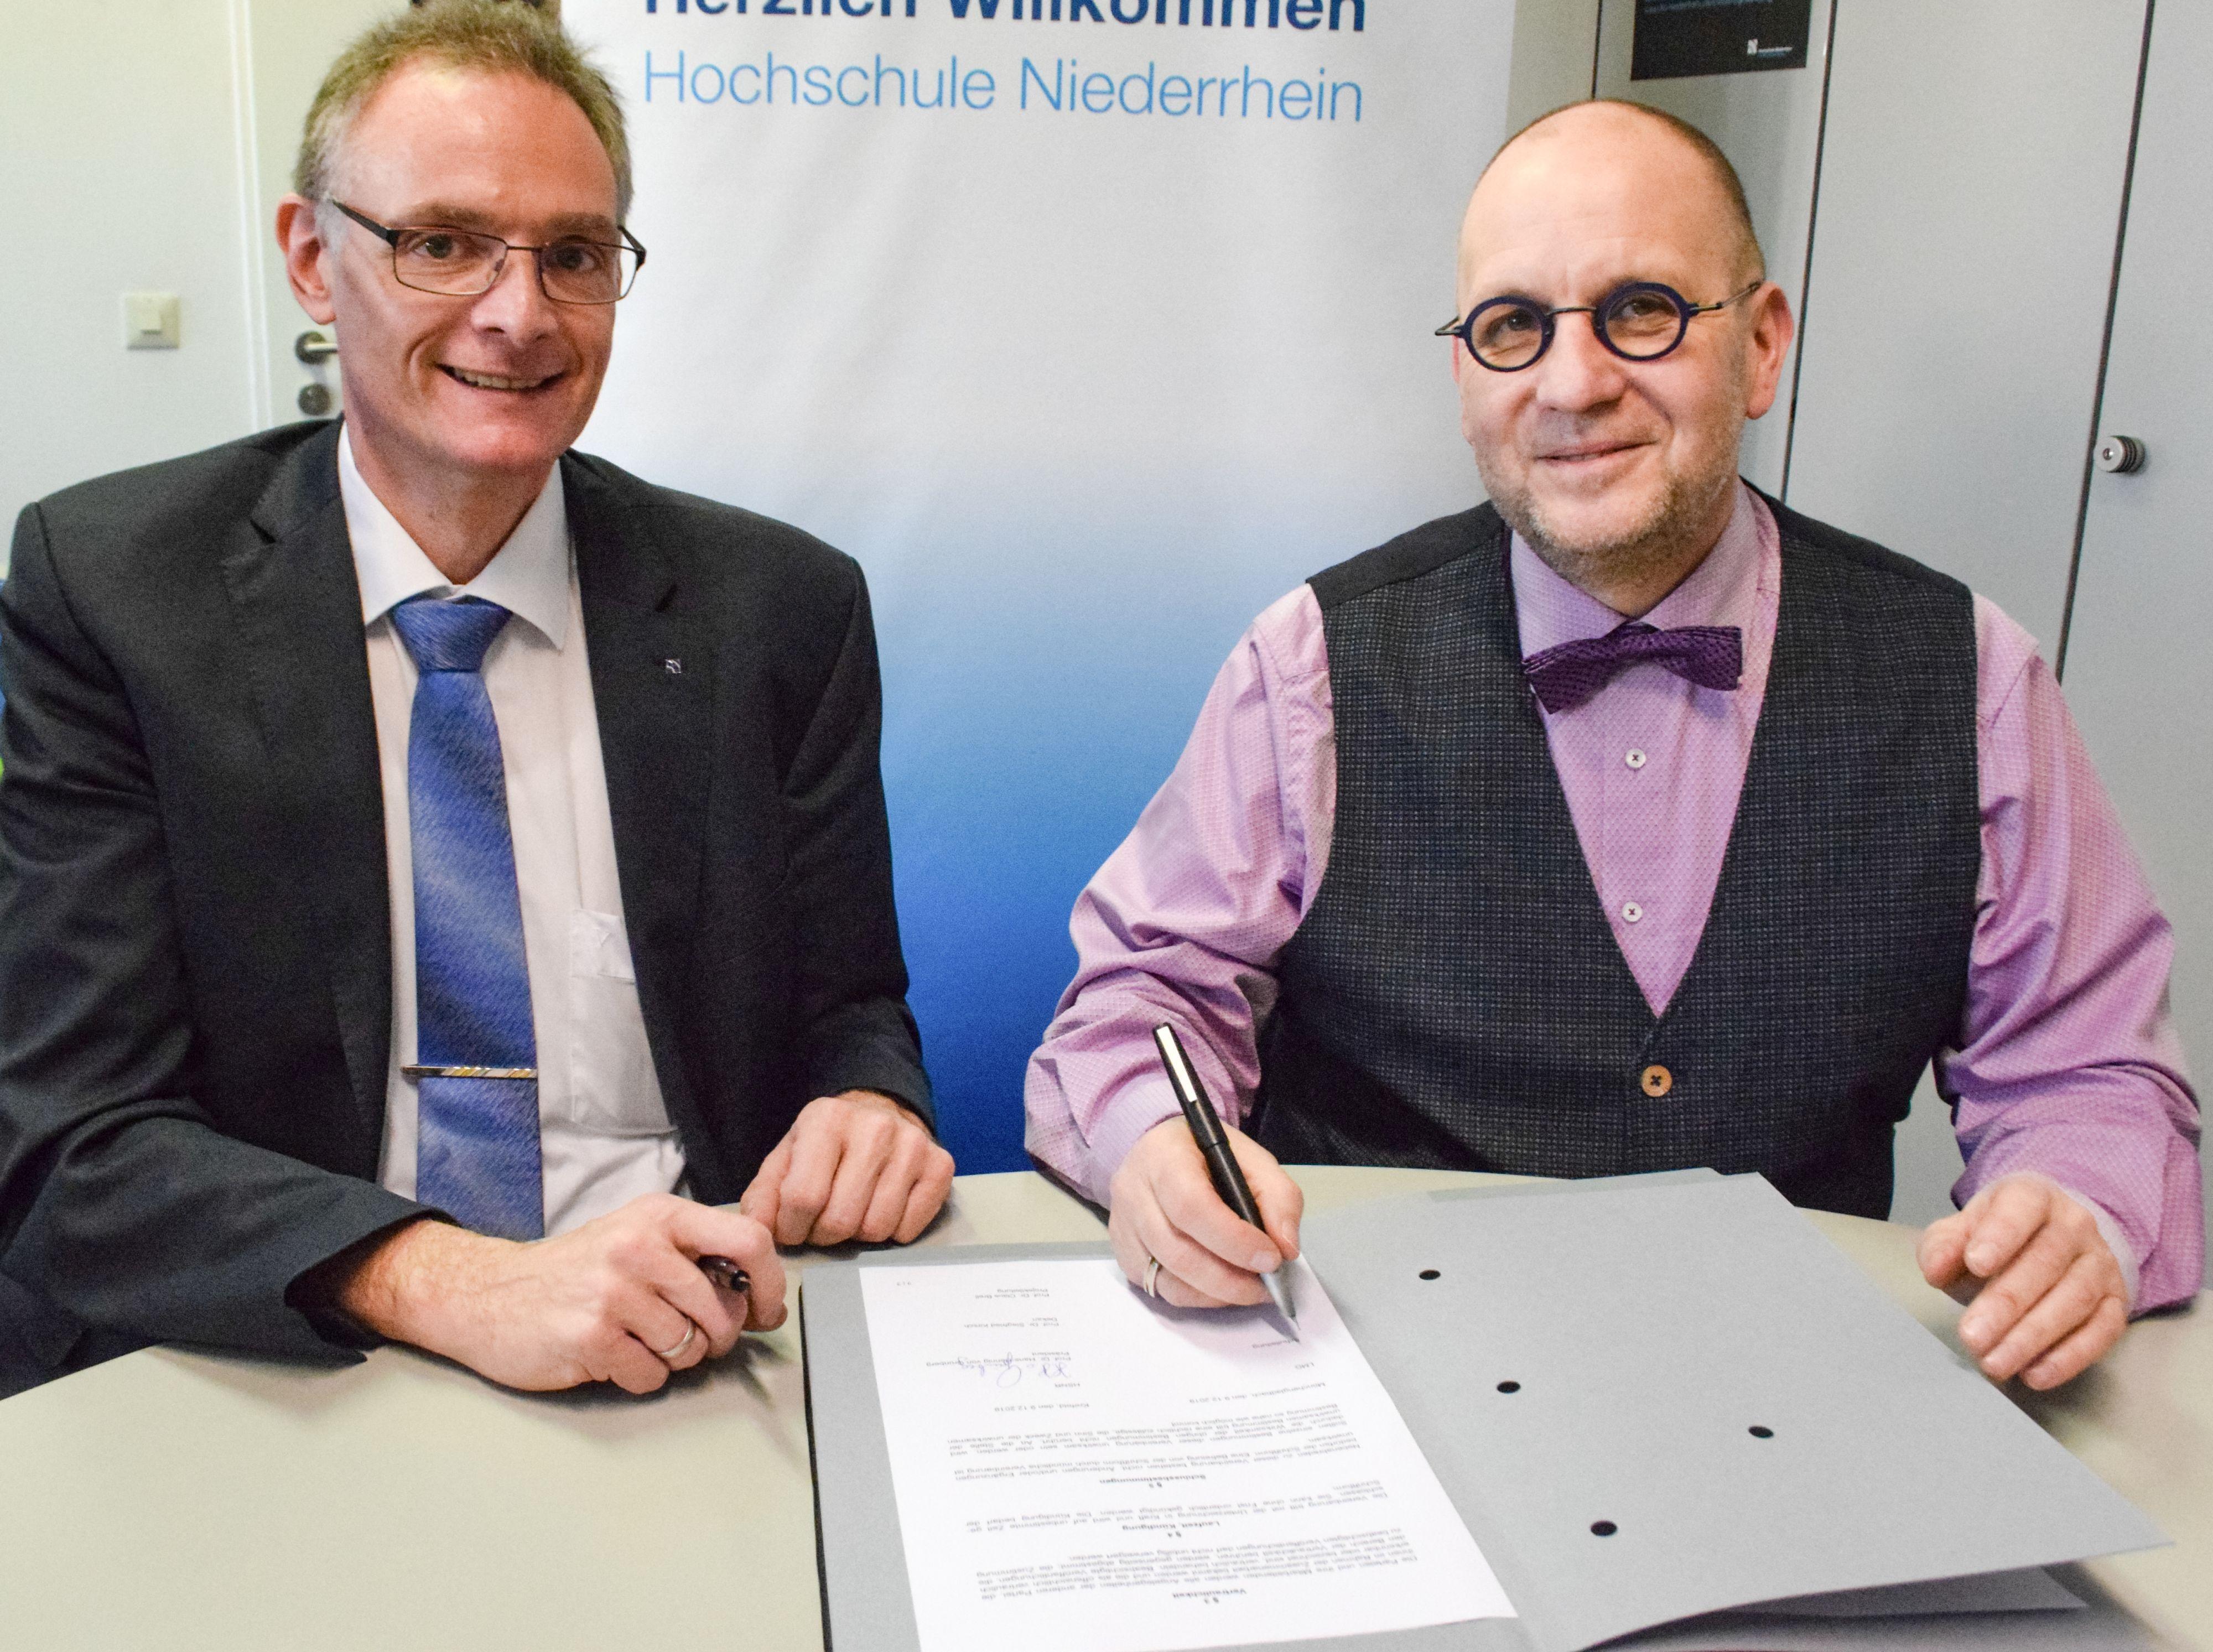 Kooperation mit der Hochschule Niederrhein